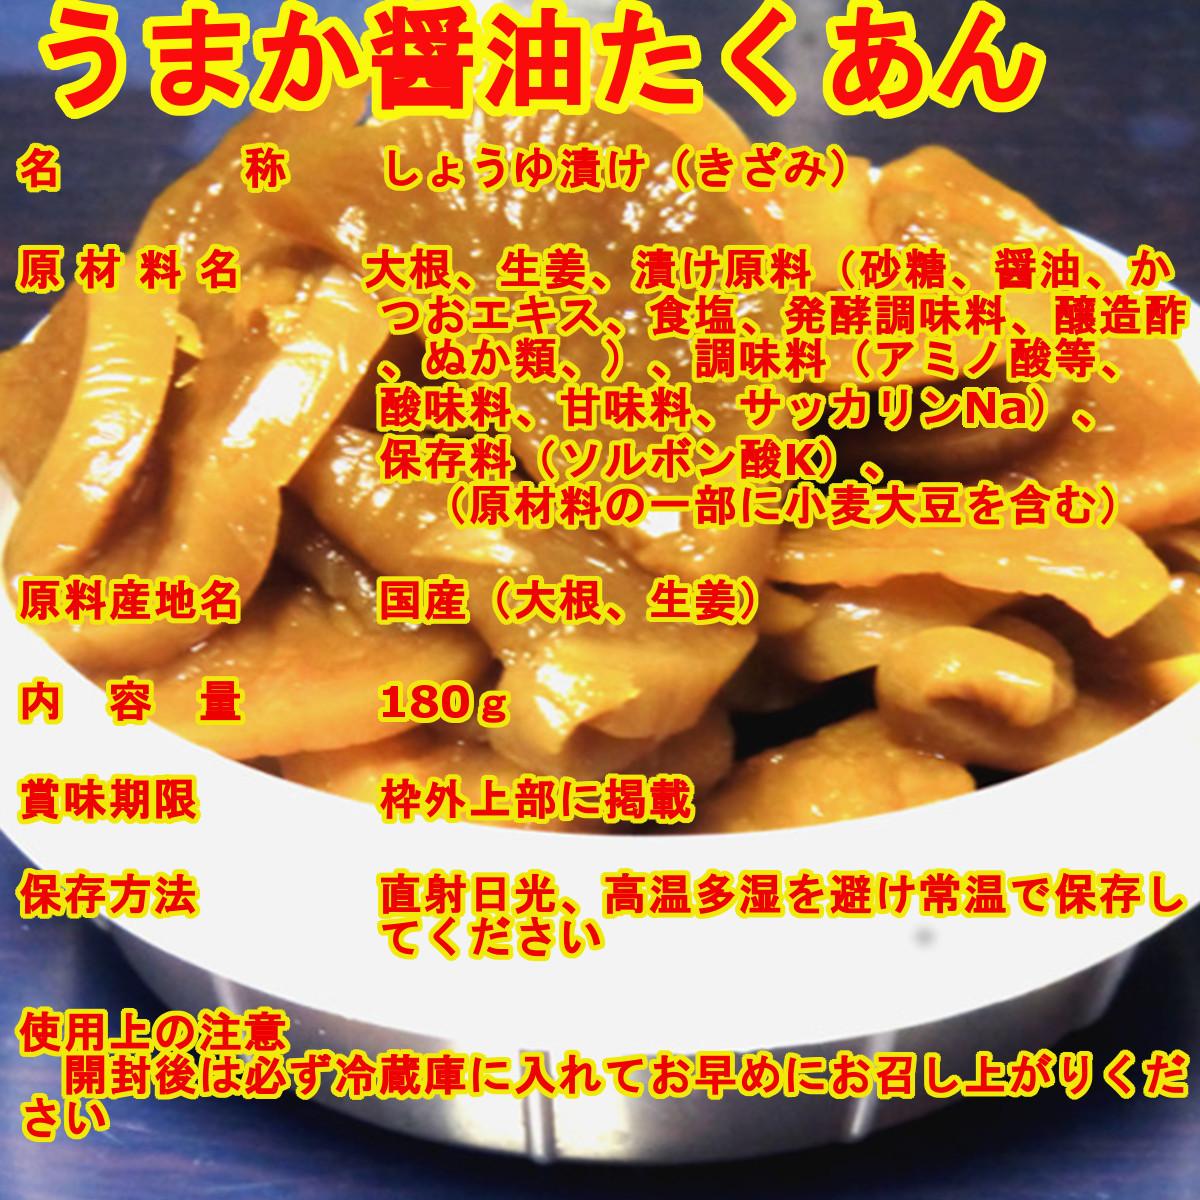 おかず3種2セット  梅っこきゅうり ごぼう たくあん ご飯のお供 おにぎり おつまみ 宮崎県産のお漬物 送料無料 _画像5